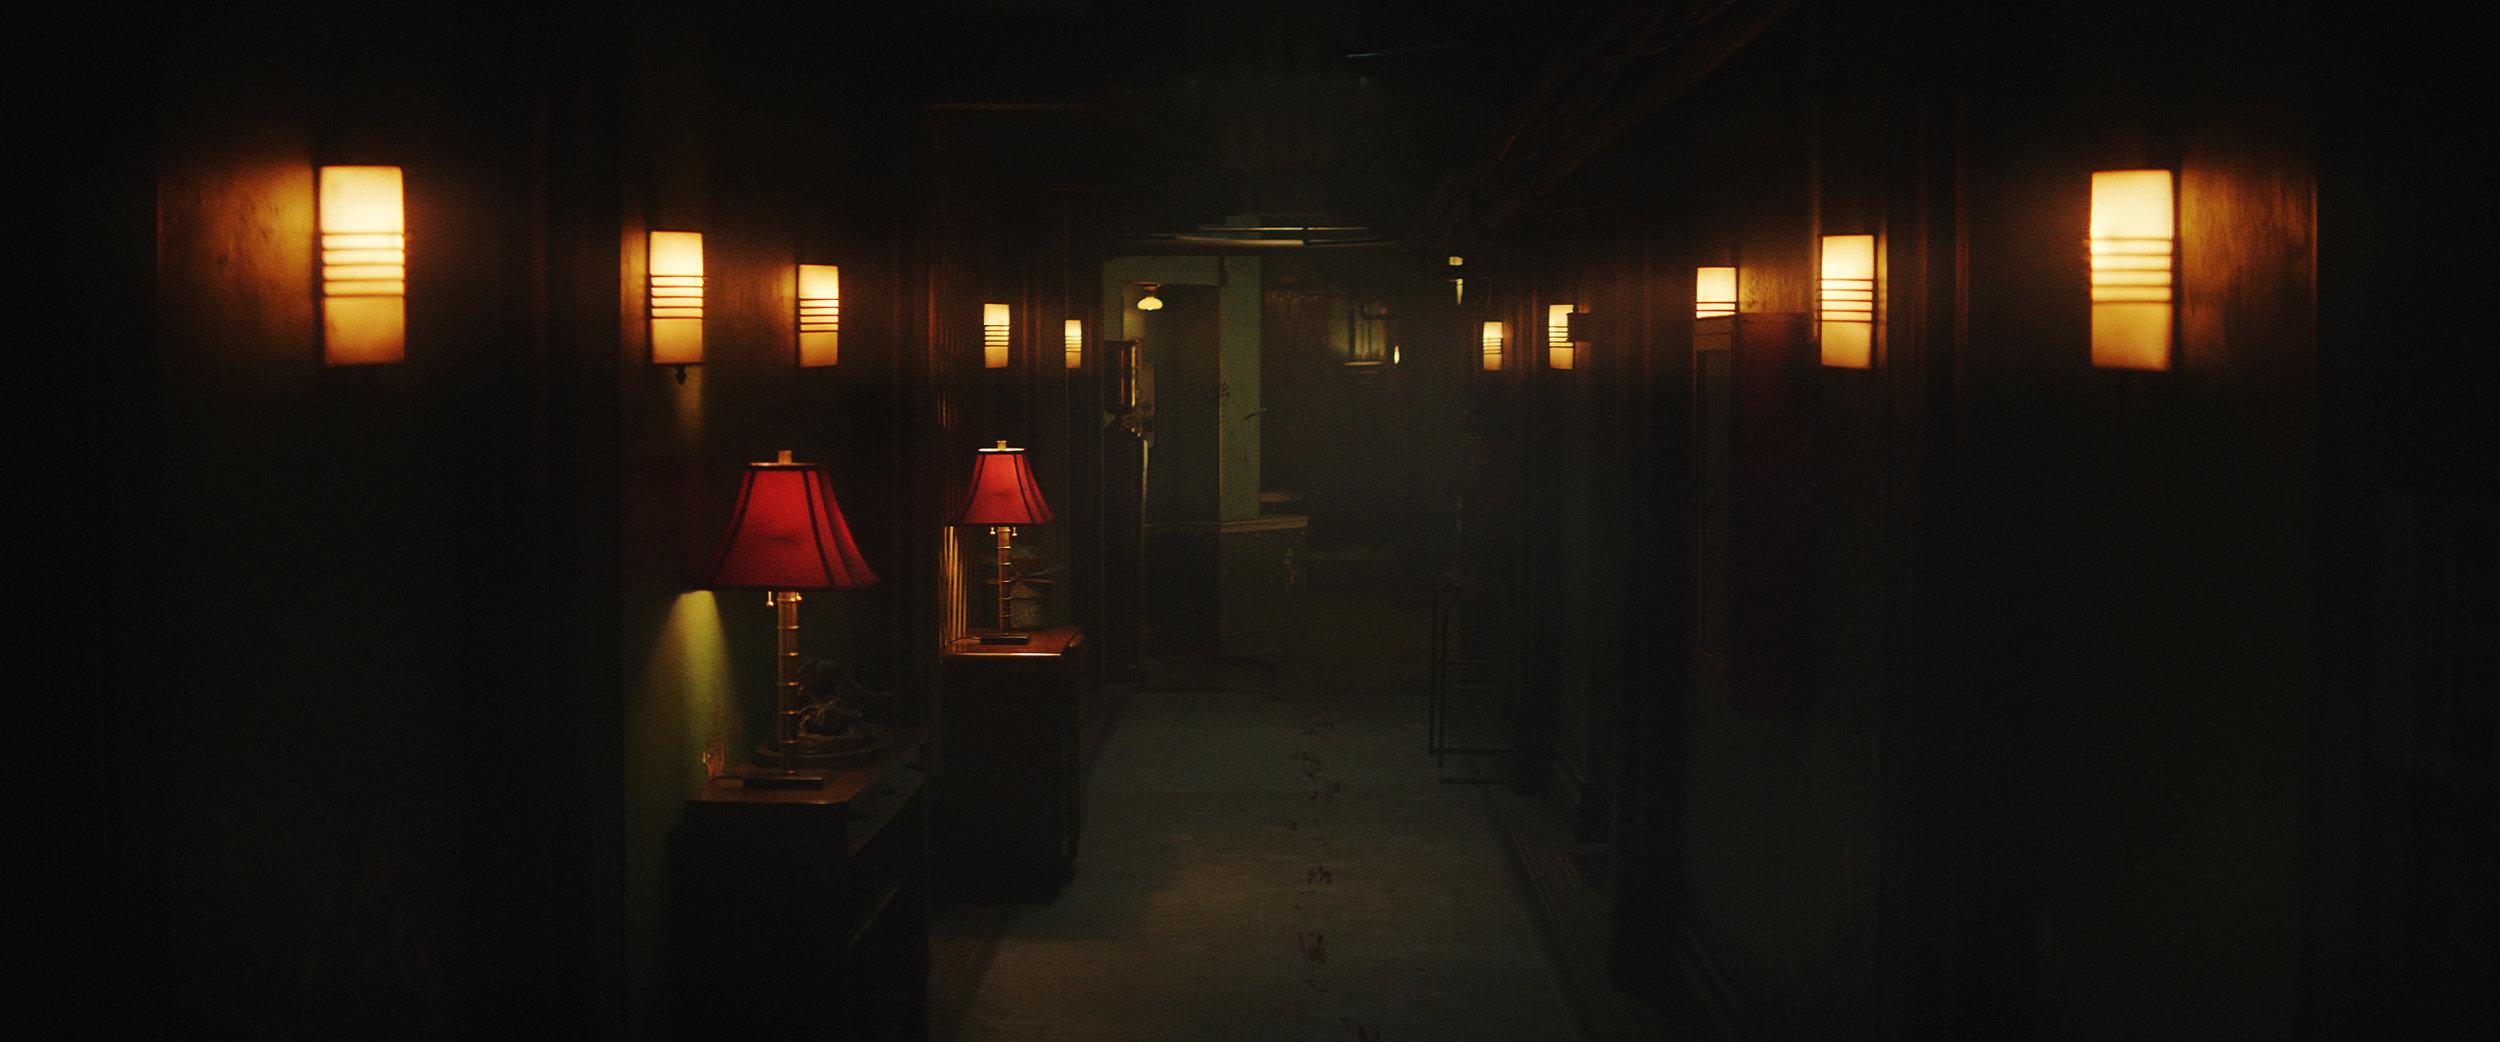 HotelArtemis_VFXpromoStillsCC.0001.00019.jpg